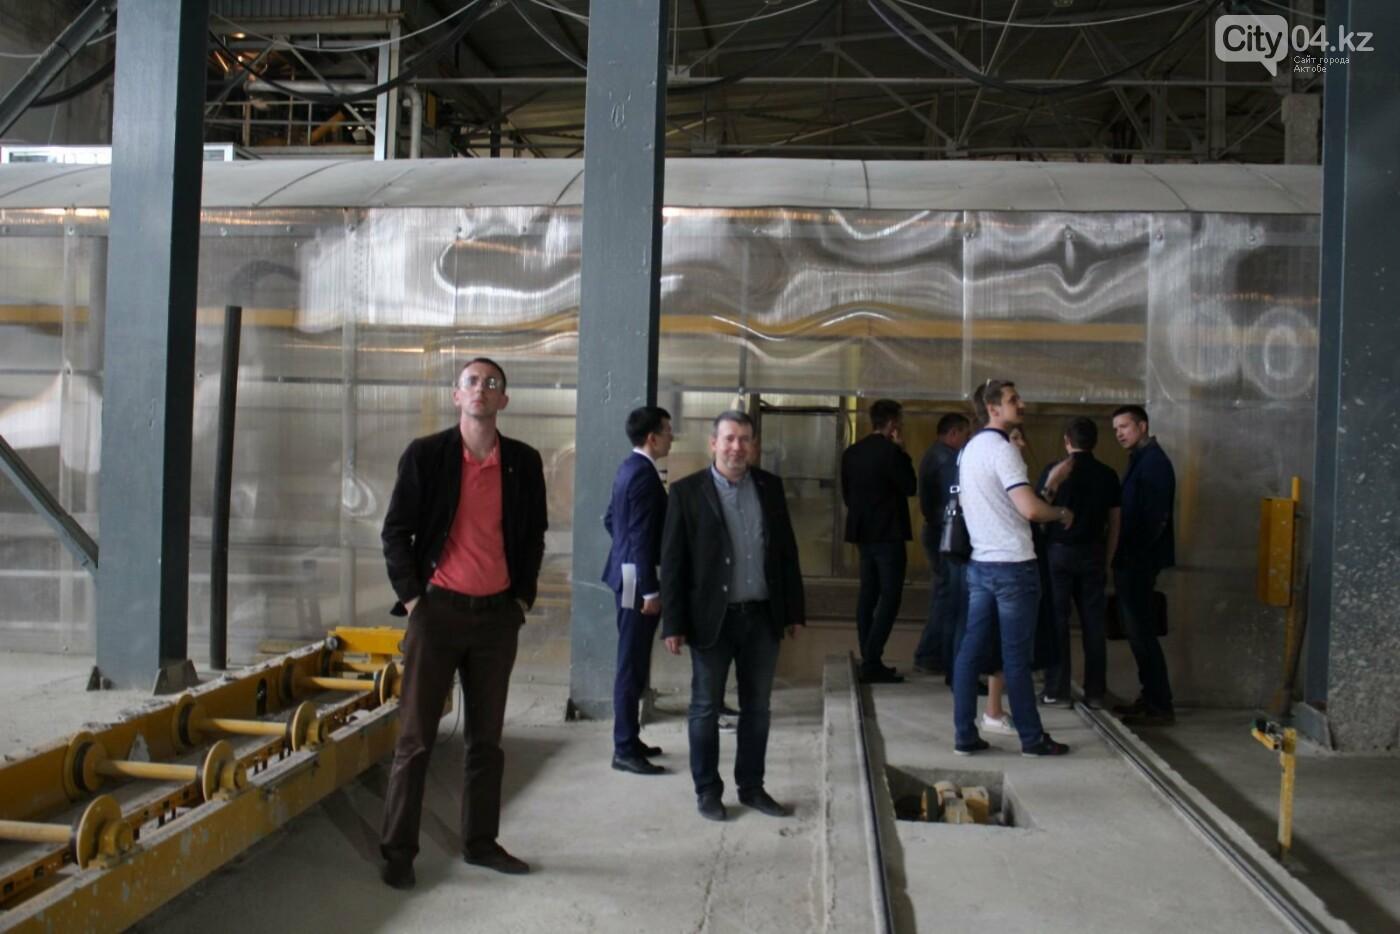 Как российские бизнесмены в Актобе опыт перенимали, фото-1